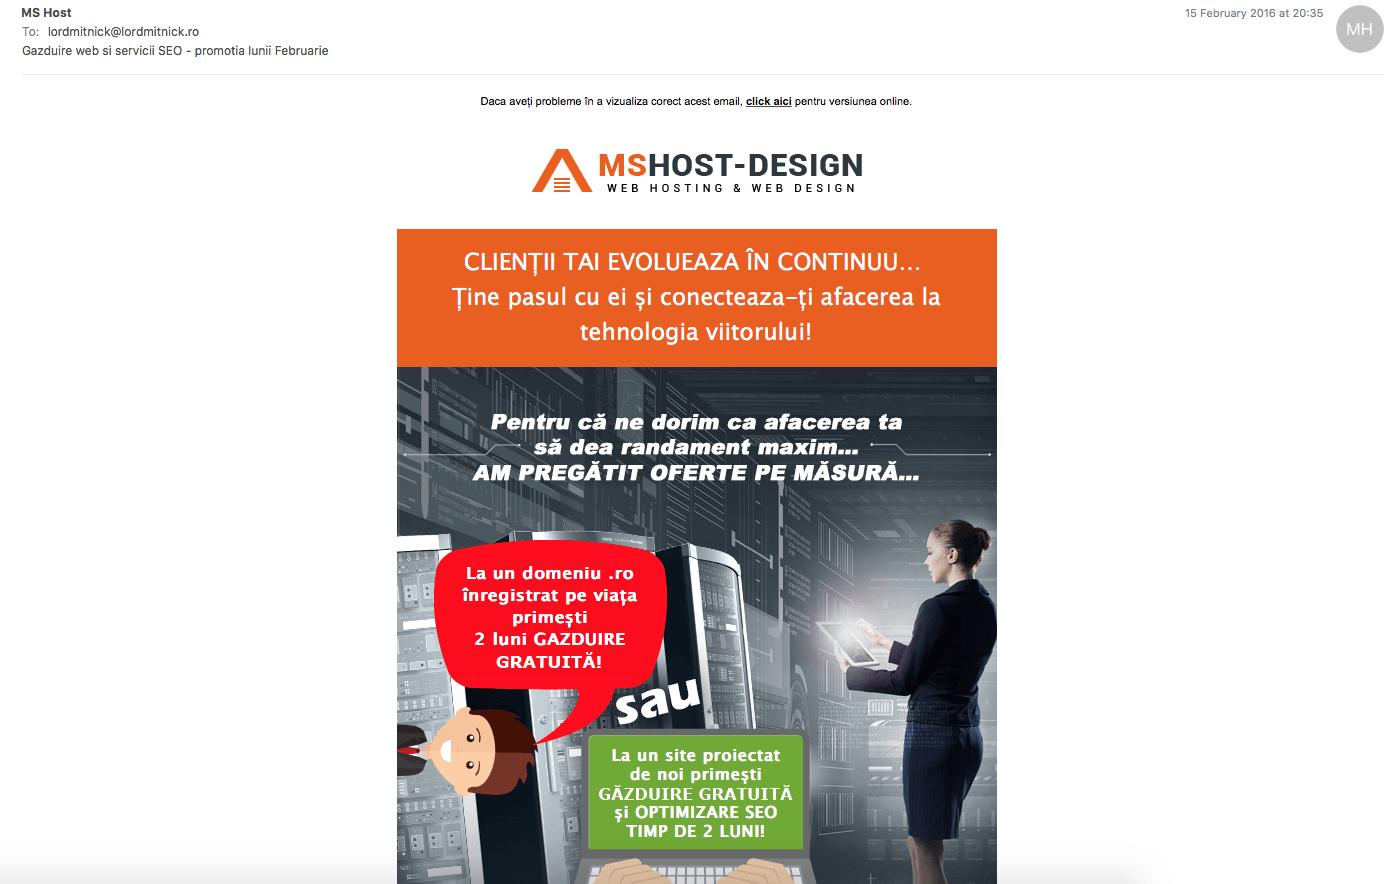 """MS Host """"respecta"""" etica online facand spam"""